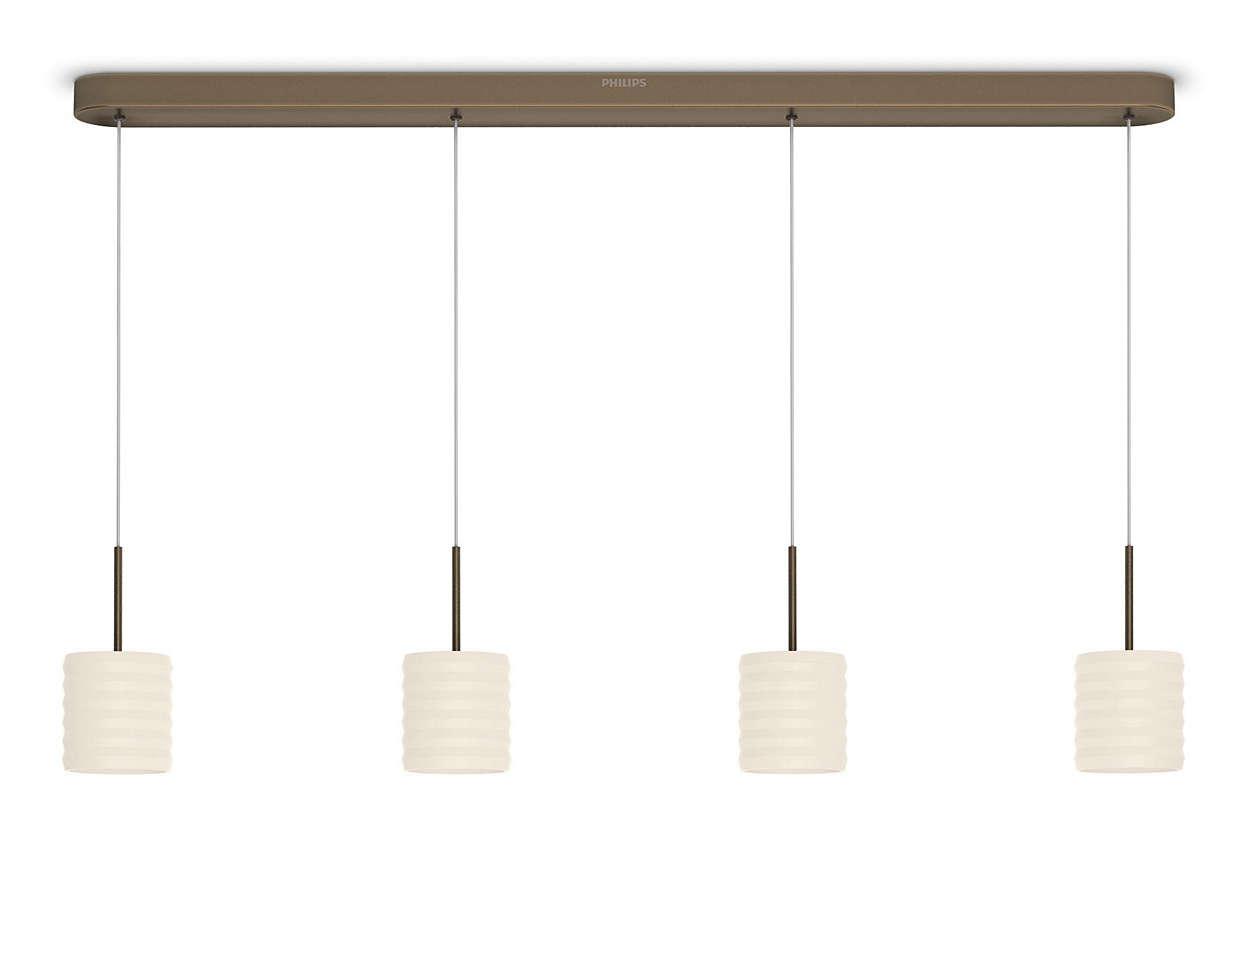 pendelleuchte 373070616 philips. Black Bedroom Furniture Sets. Home Design Ideas